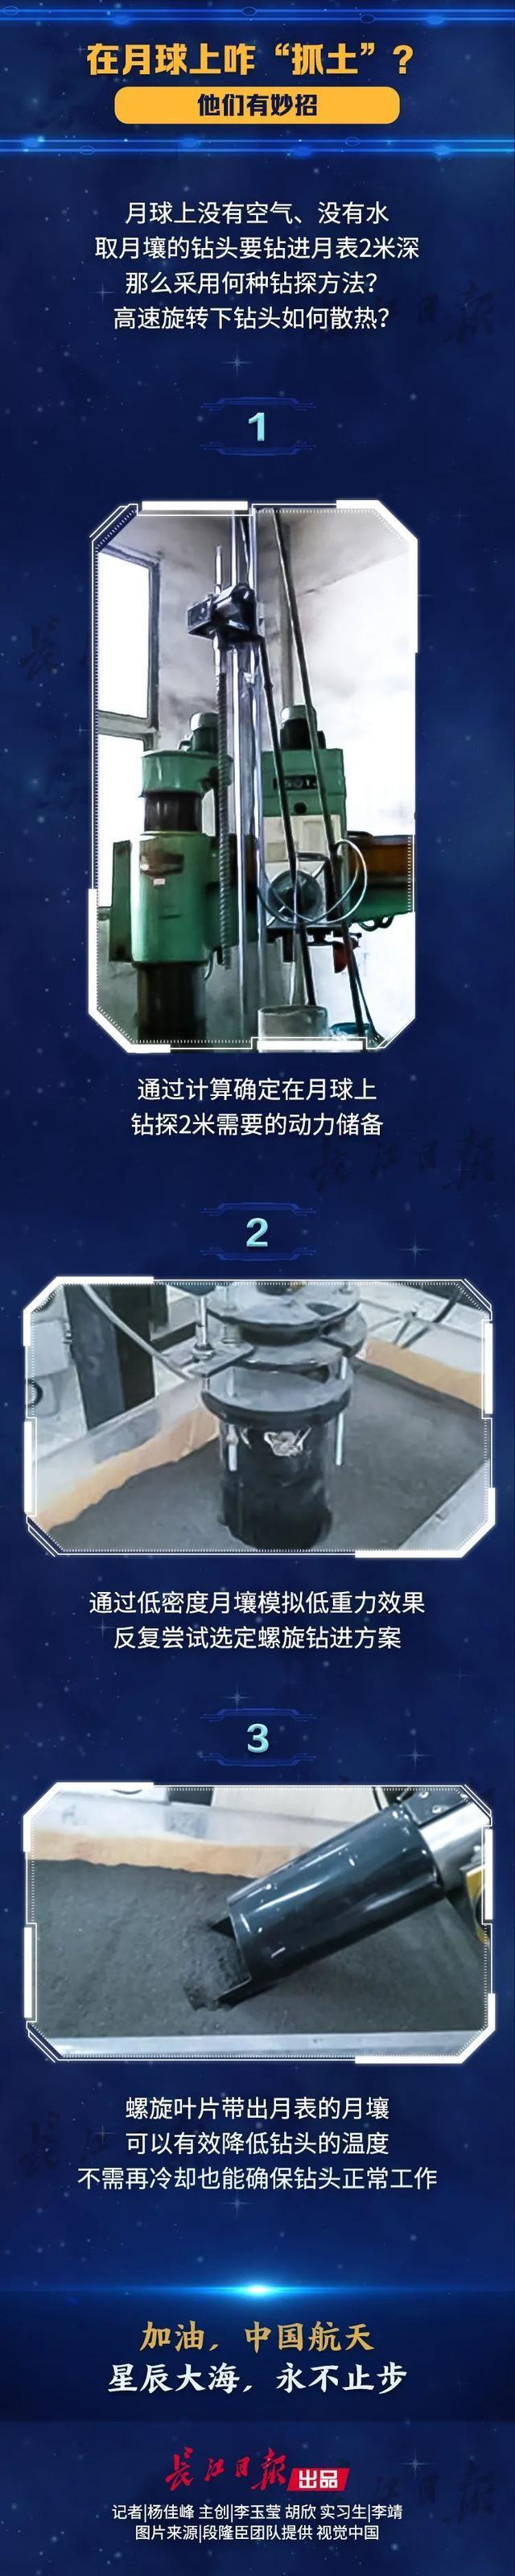 当月亮落下时,地球将被占领!武汉的田团教授:我们这样帮嫦娥挖... 第7张